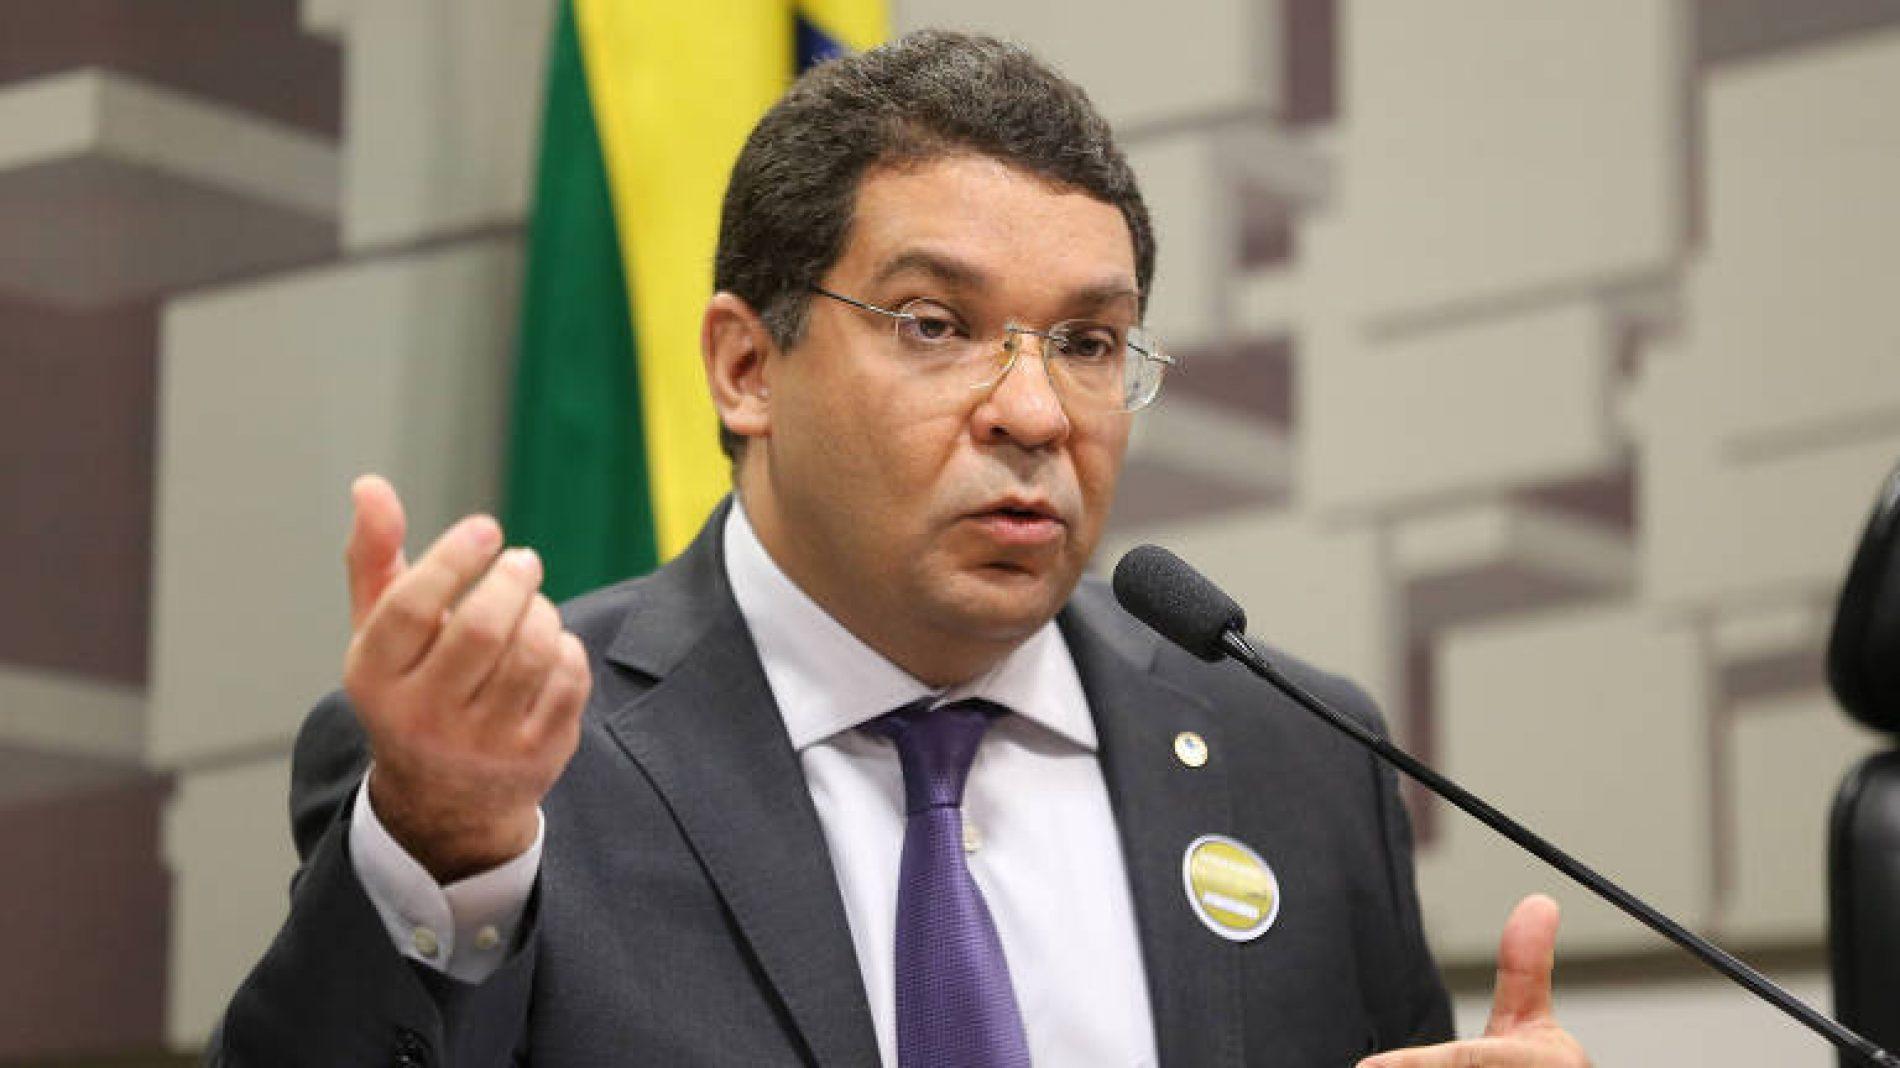 Secretário do Tesouro: deixar Previdência para 2019 não é fim do mundo